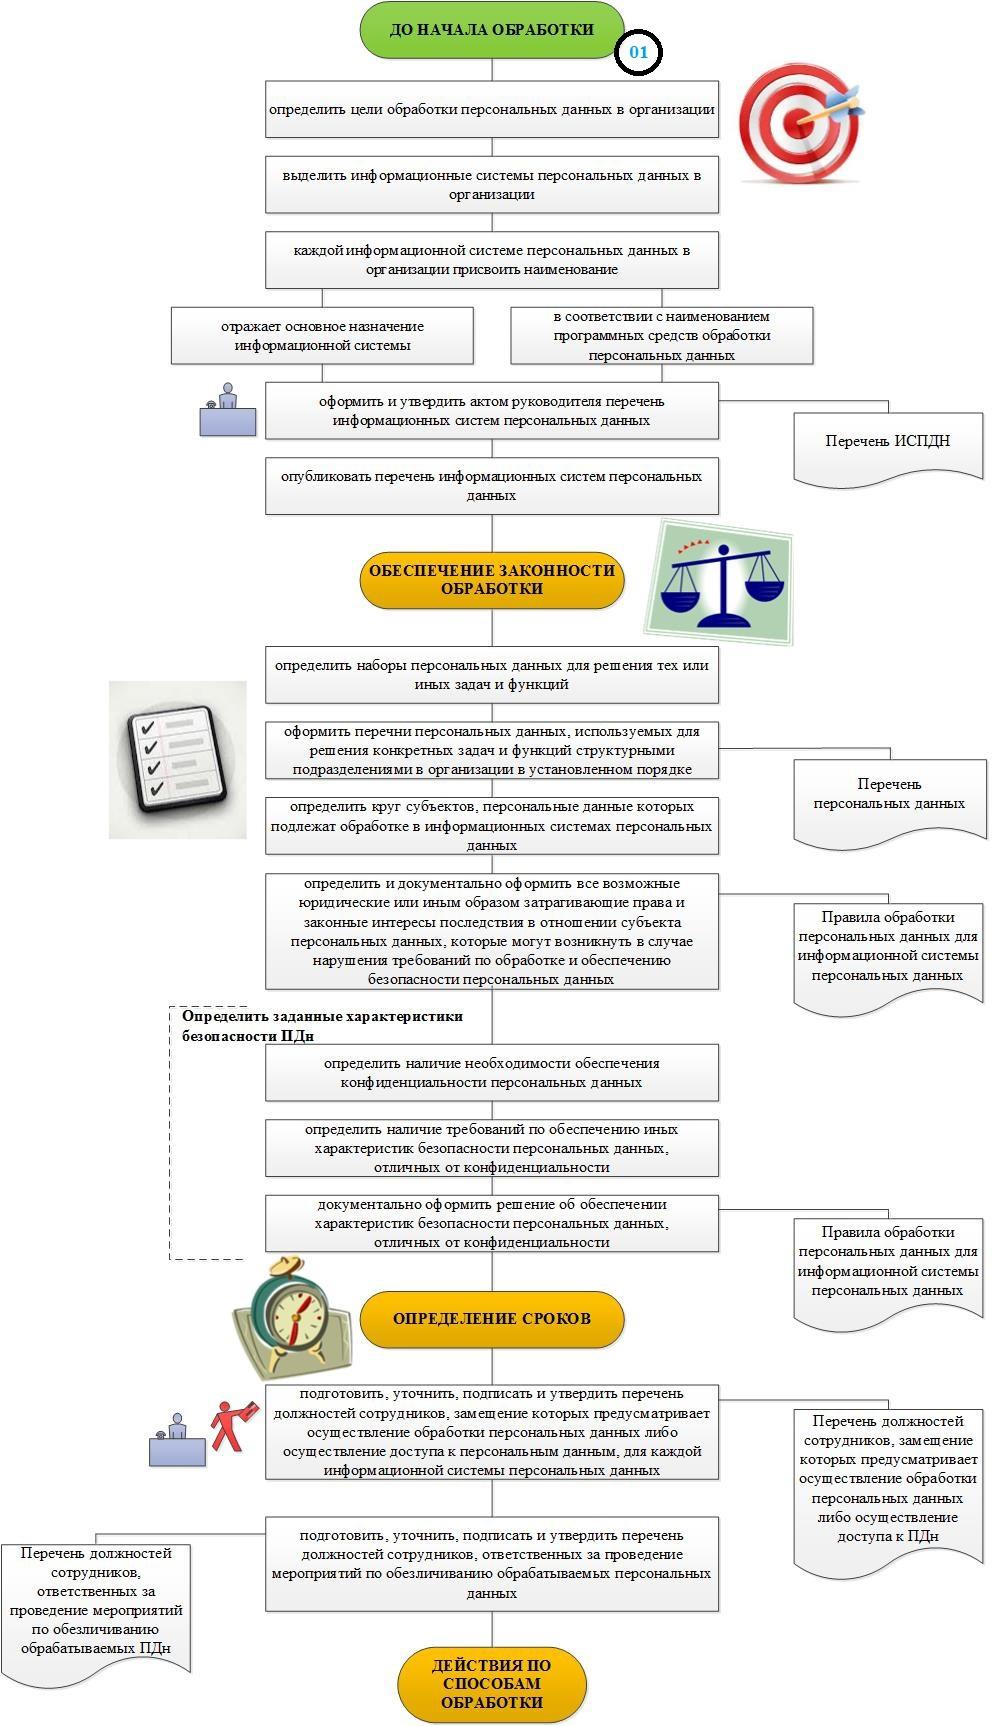 Формализованный метод разбора и анализа нормативных и методических документов, а также синтеза на их основе локальных актов - 7